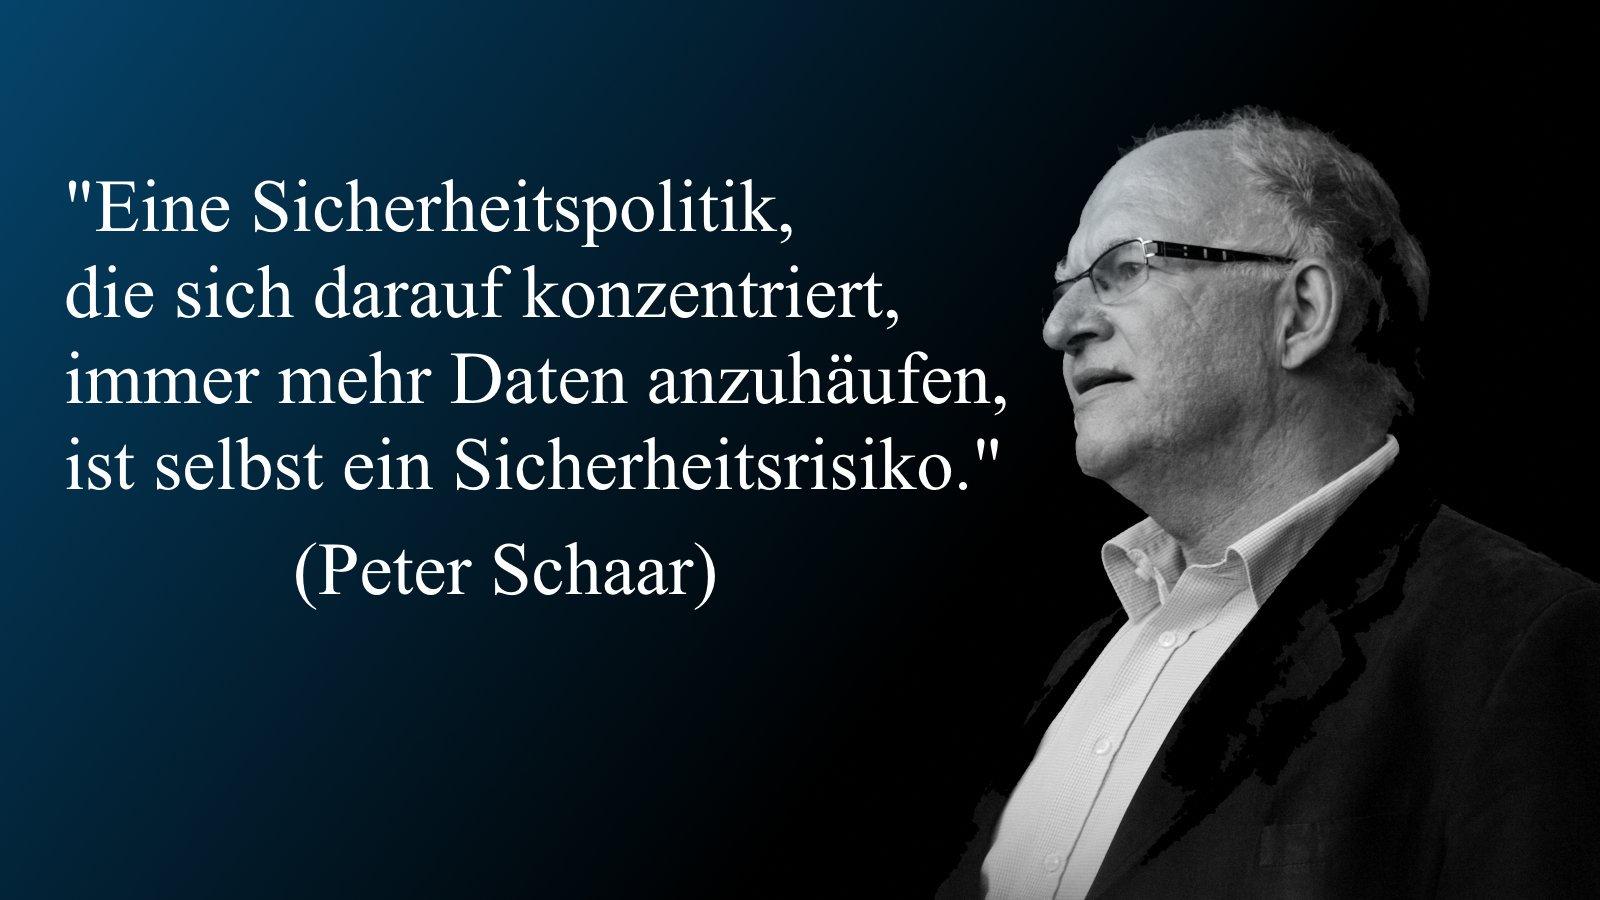 Datenschutz Favoriten Peter Schaar